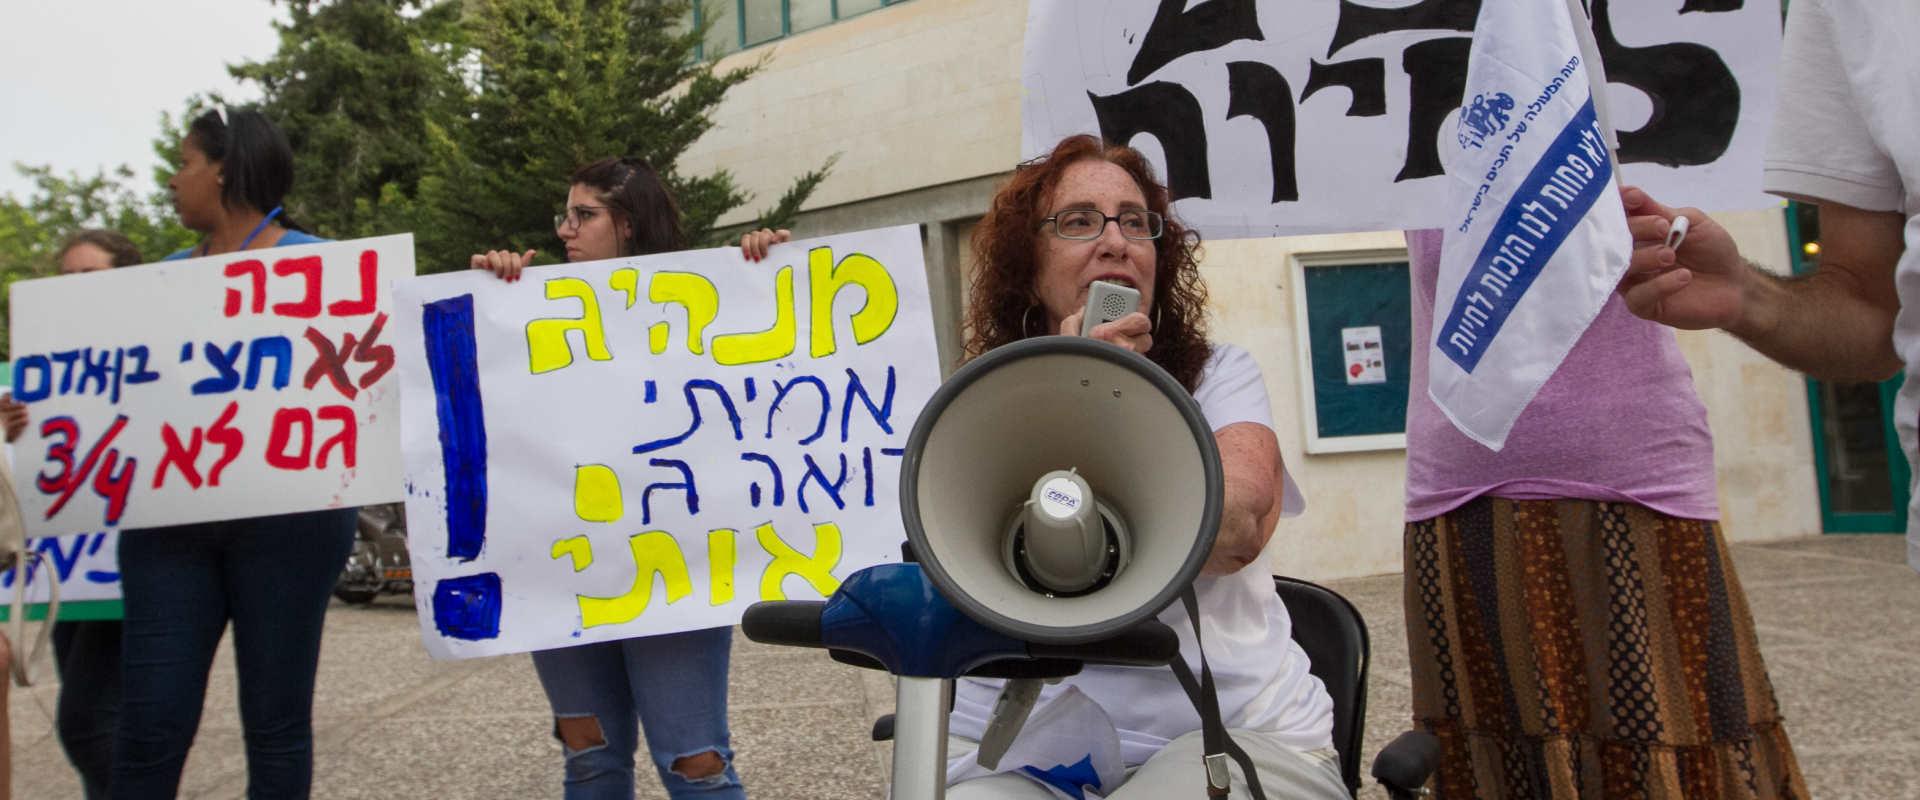 הפגנת נכים מול ביתו של כחלון בחיפה